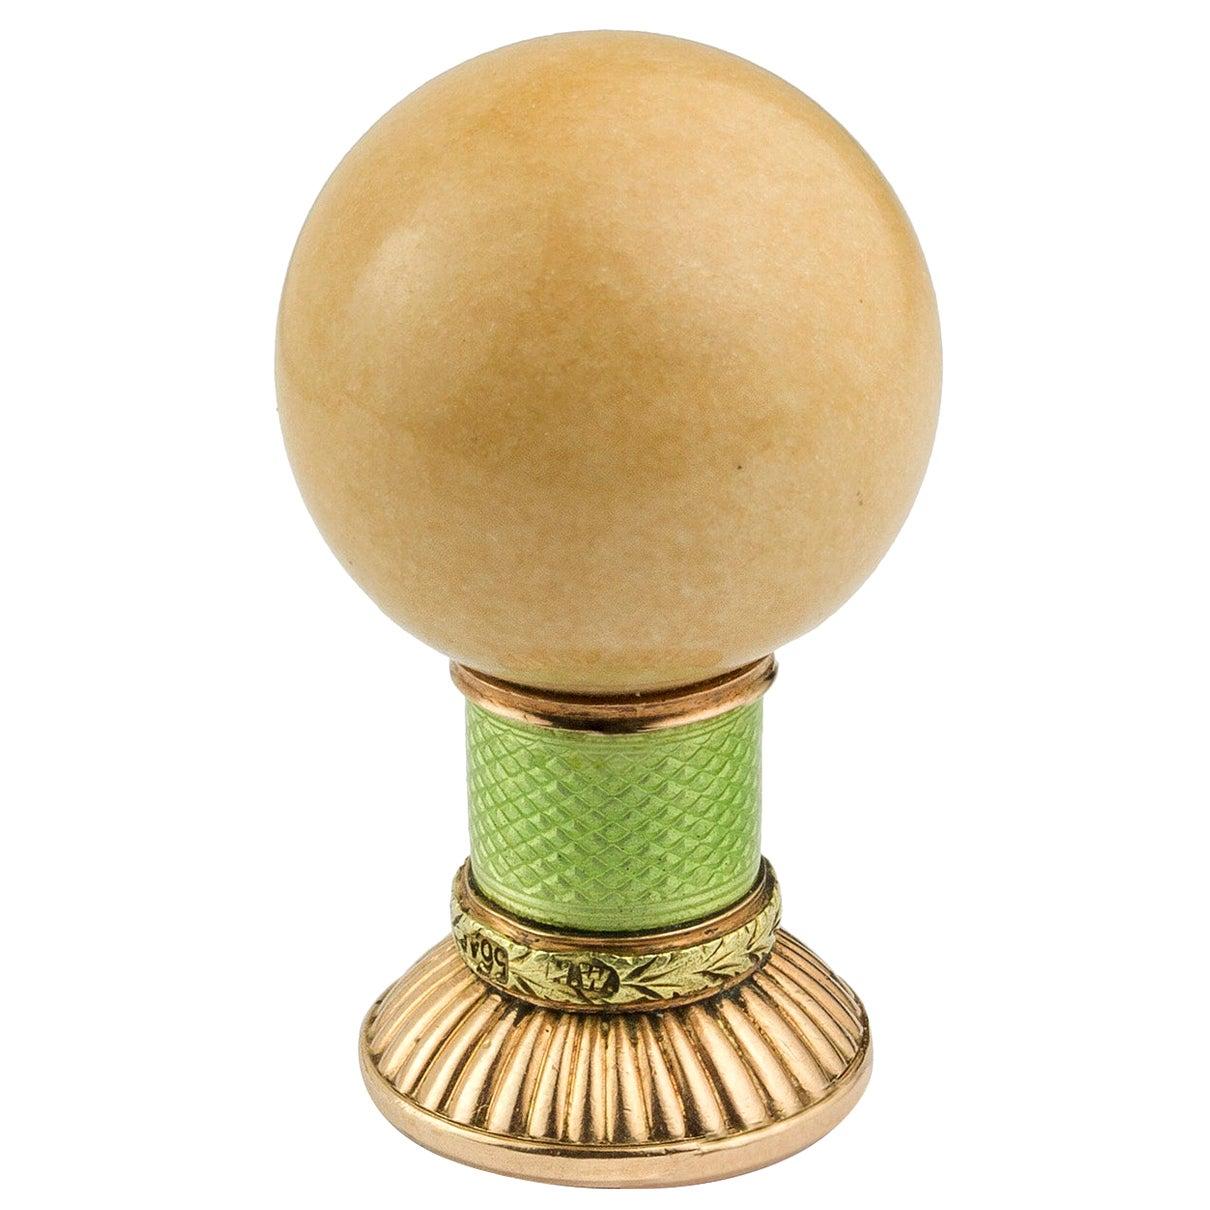 Faberge Gold, Enamel and Hardstone Desk Seal